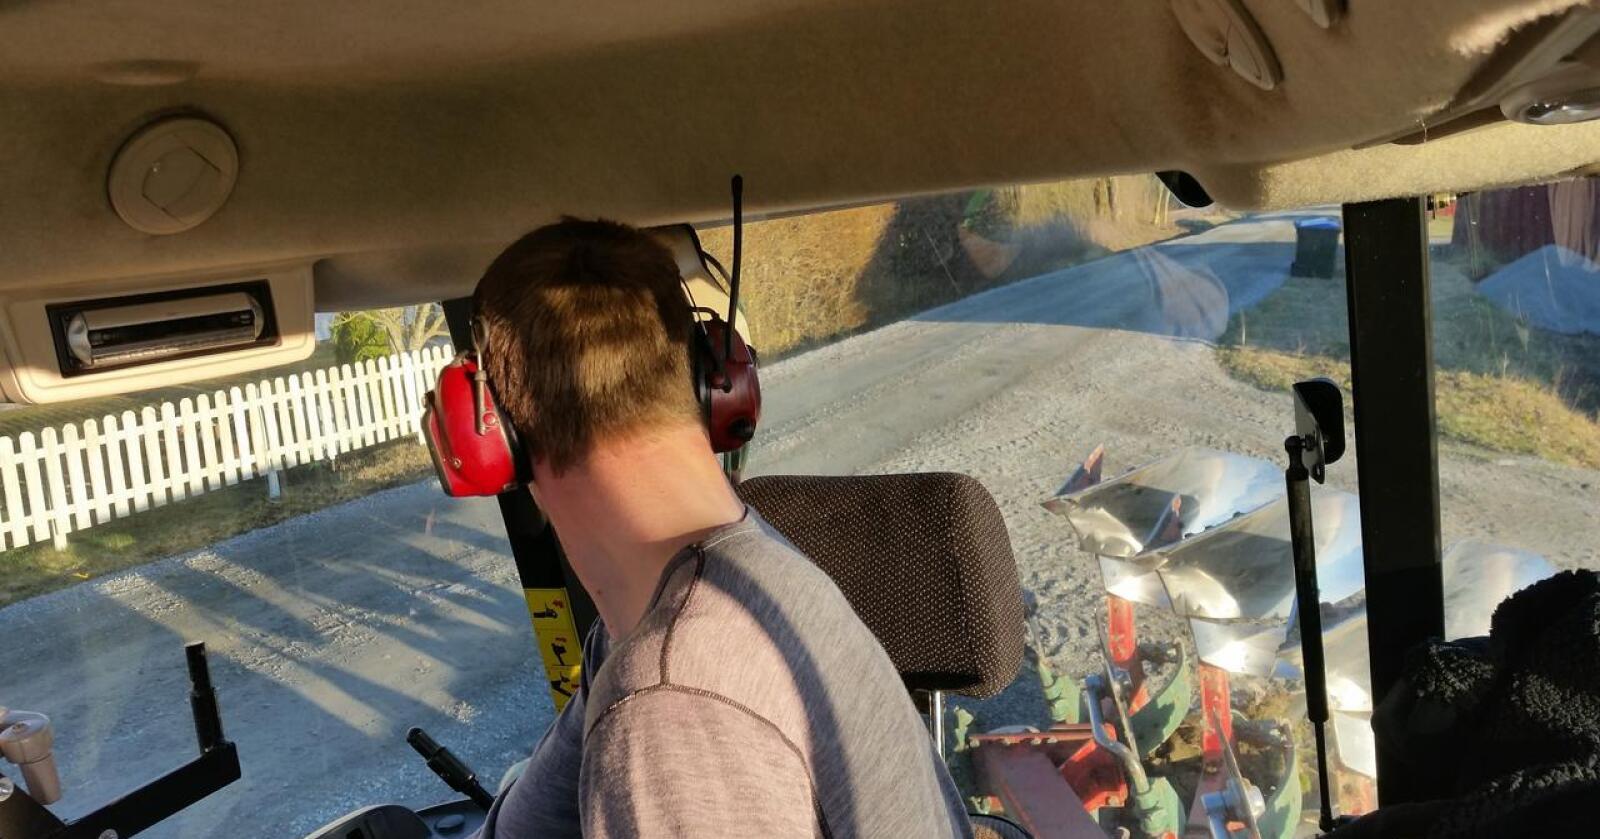 LYTTE: Nå kan du fylle hørselverna med lyd fra NLR under arbeid. Arkivfoto: Norsk Landbruk.